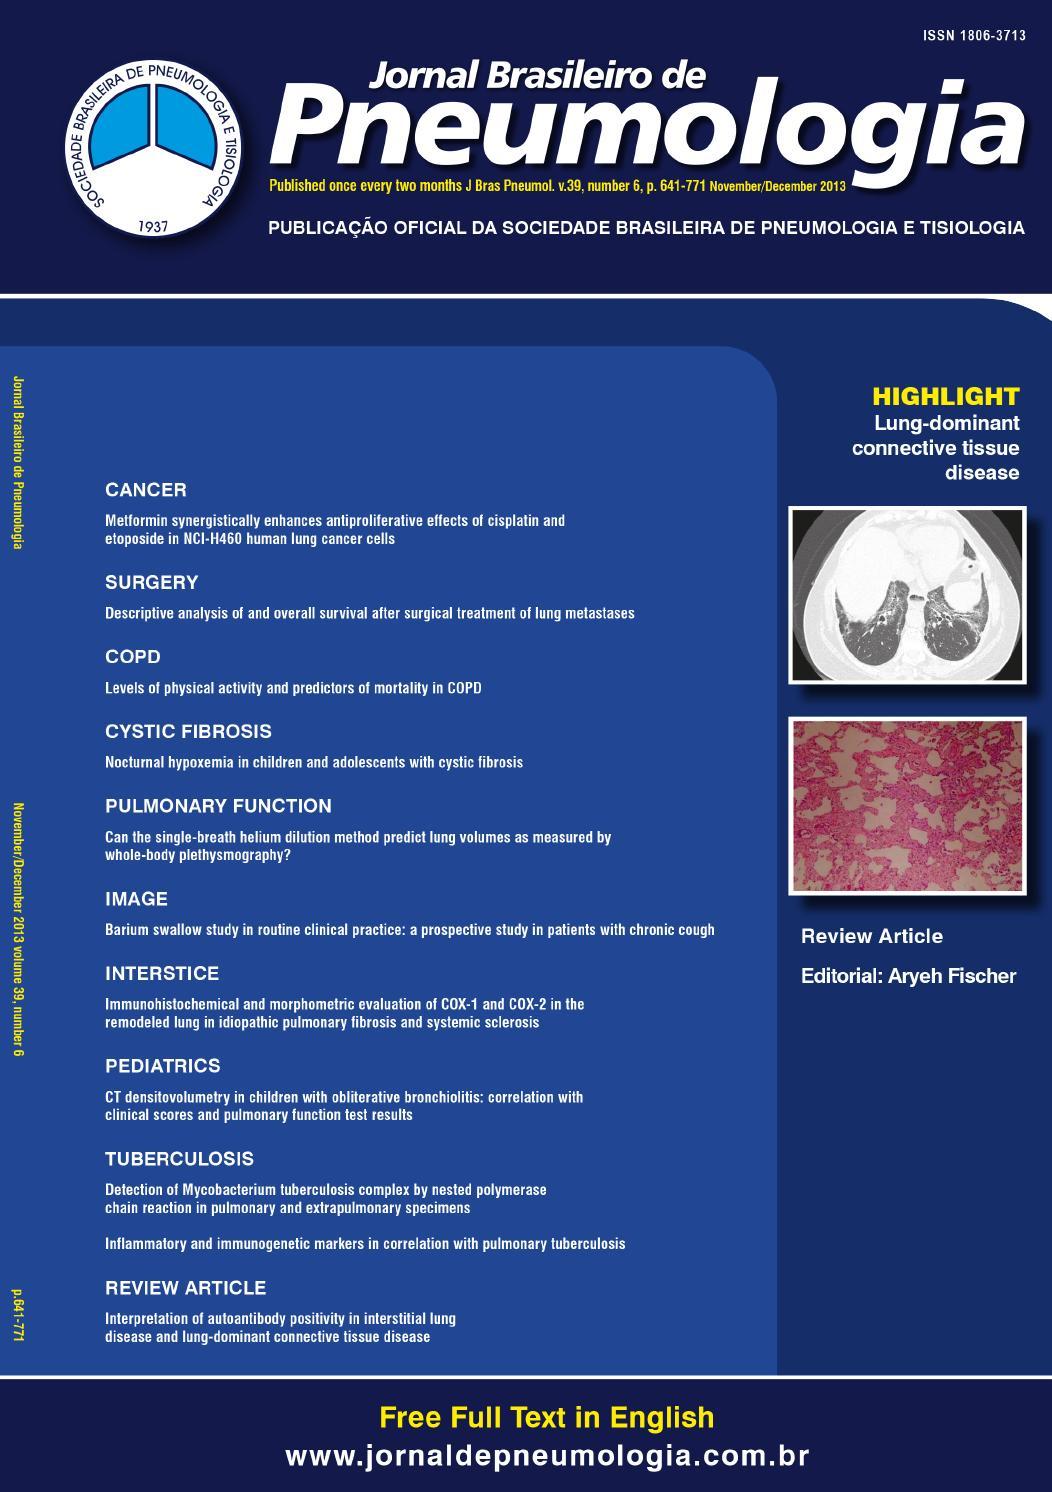 alergia ao nan sintomas de diabetes